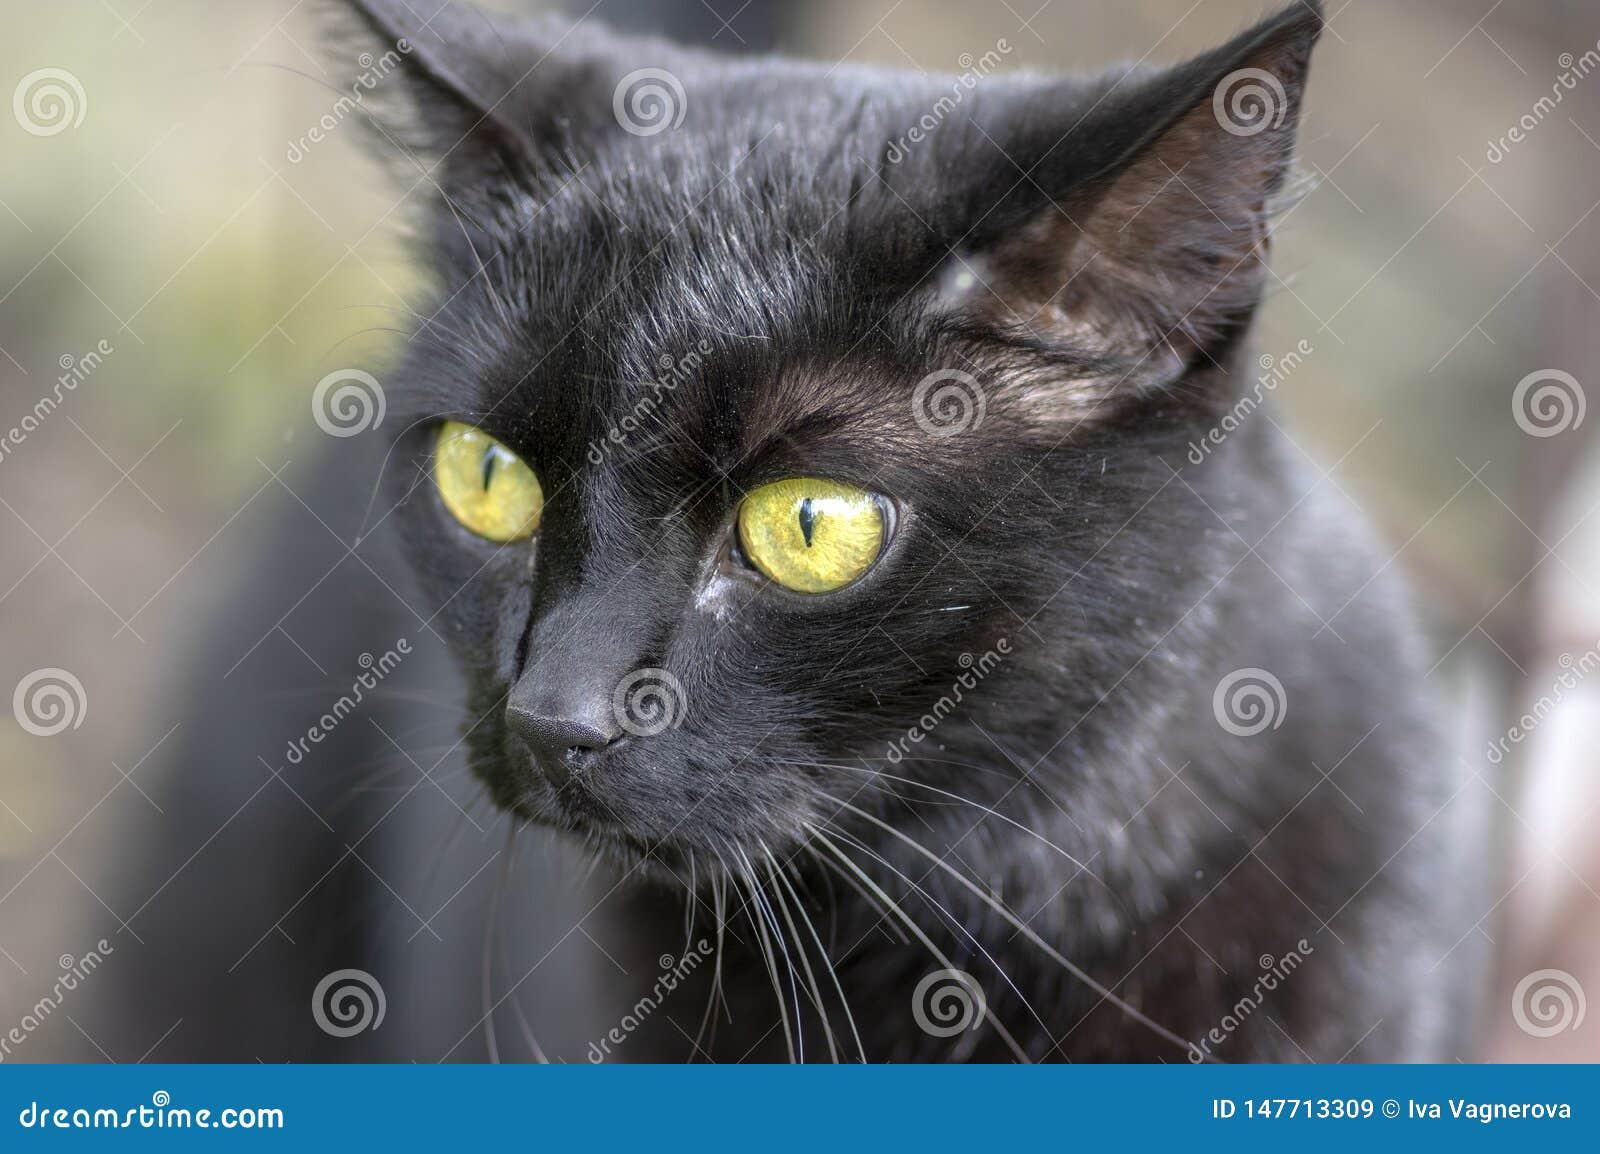 Lüge der schwarzen Katze in der Wartezeit im Garten, dunkles Tier mit hellgrünen Augen, schönes Tier, Detailansichtporträt